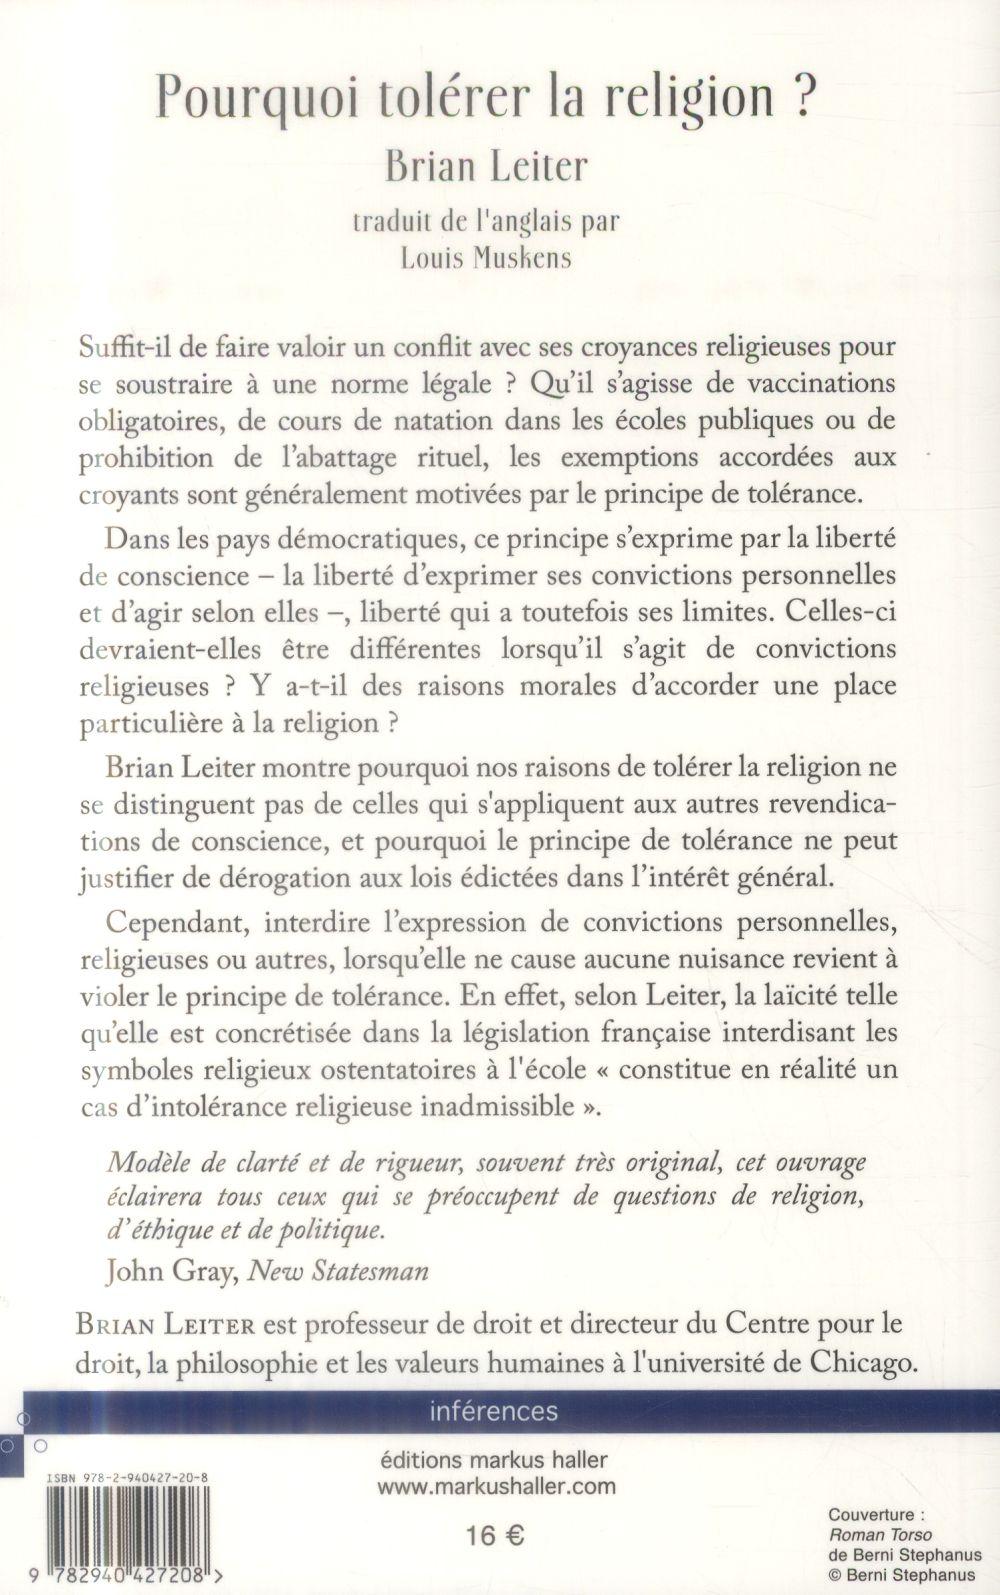 pourquoi tolérer la religion ? ; une investigation philosophique et juridique